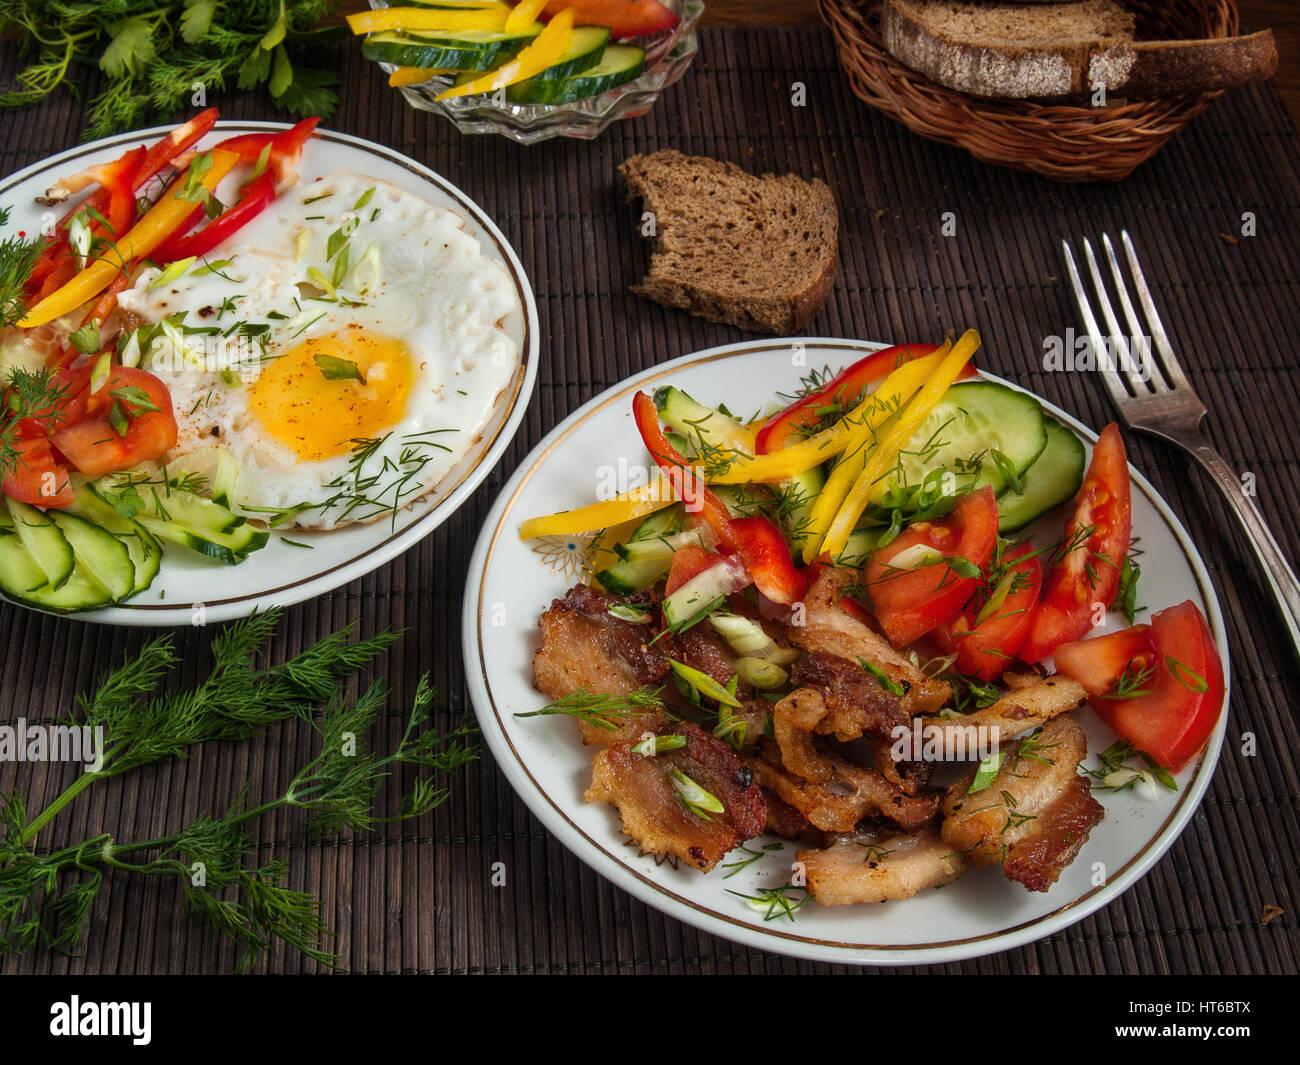 Gebratener Speck, Eiern und Gemüse mit Paprika, Tomaten und grünen auf weißen Platten auf einem Tisch Stockbild